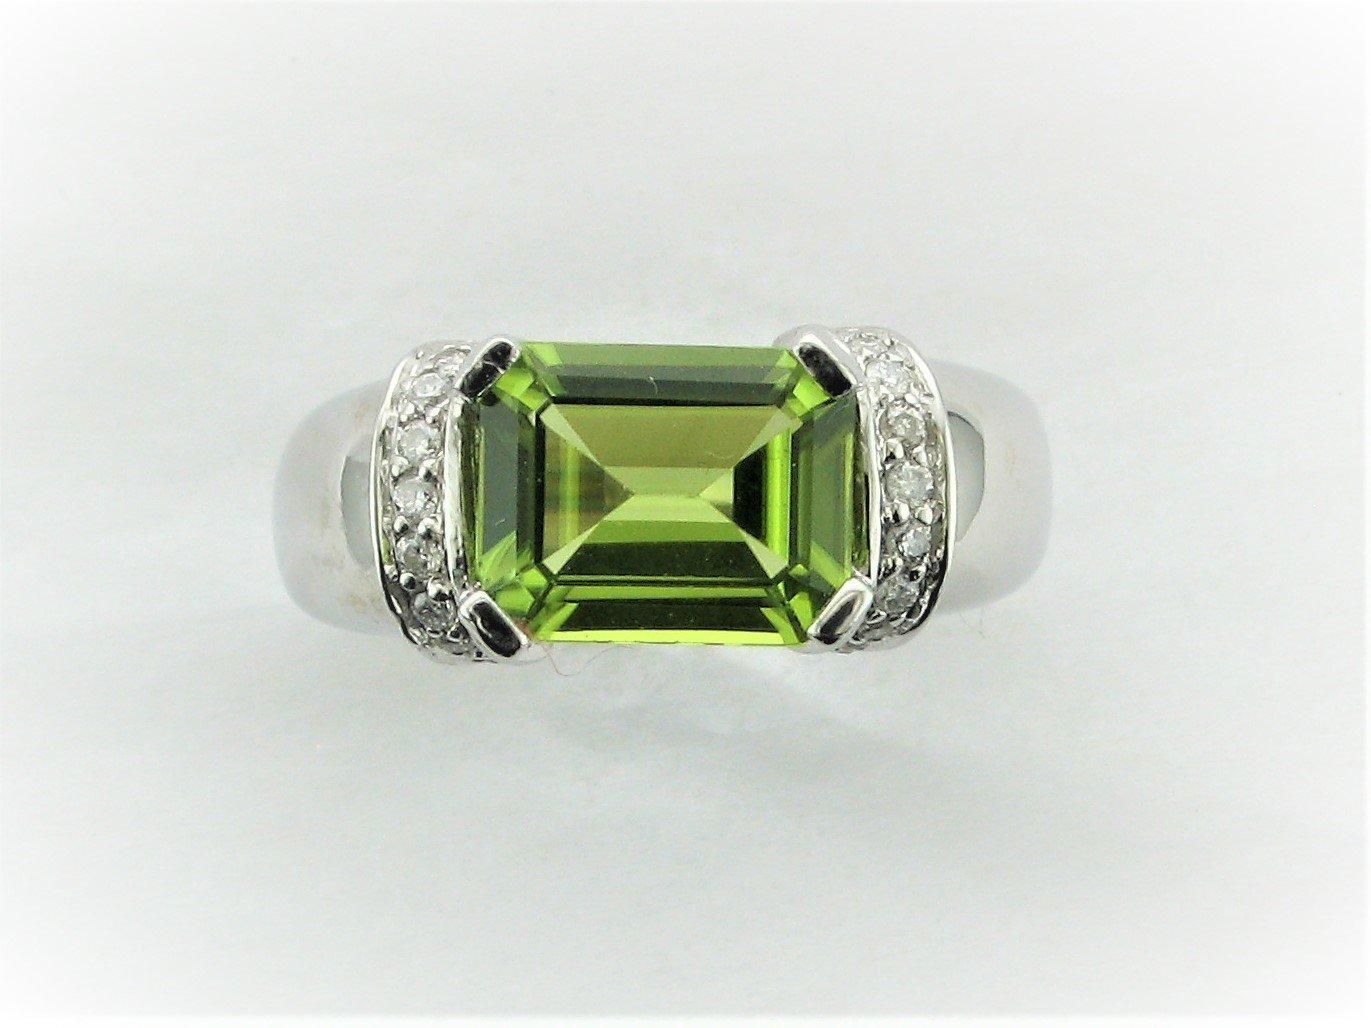 3.65 Total Carat Arizona Peridot and Diamond Ring Set in 14 Karat White Gold